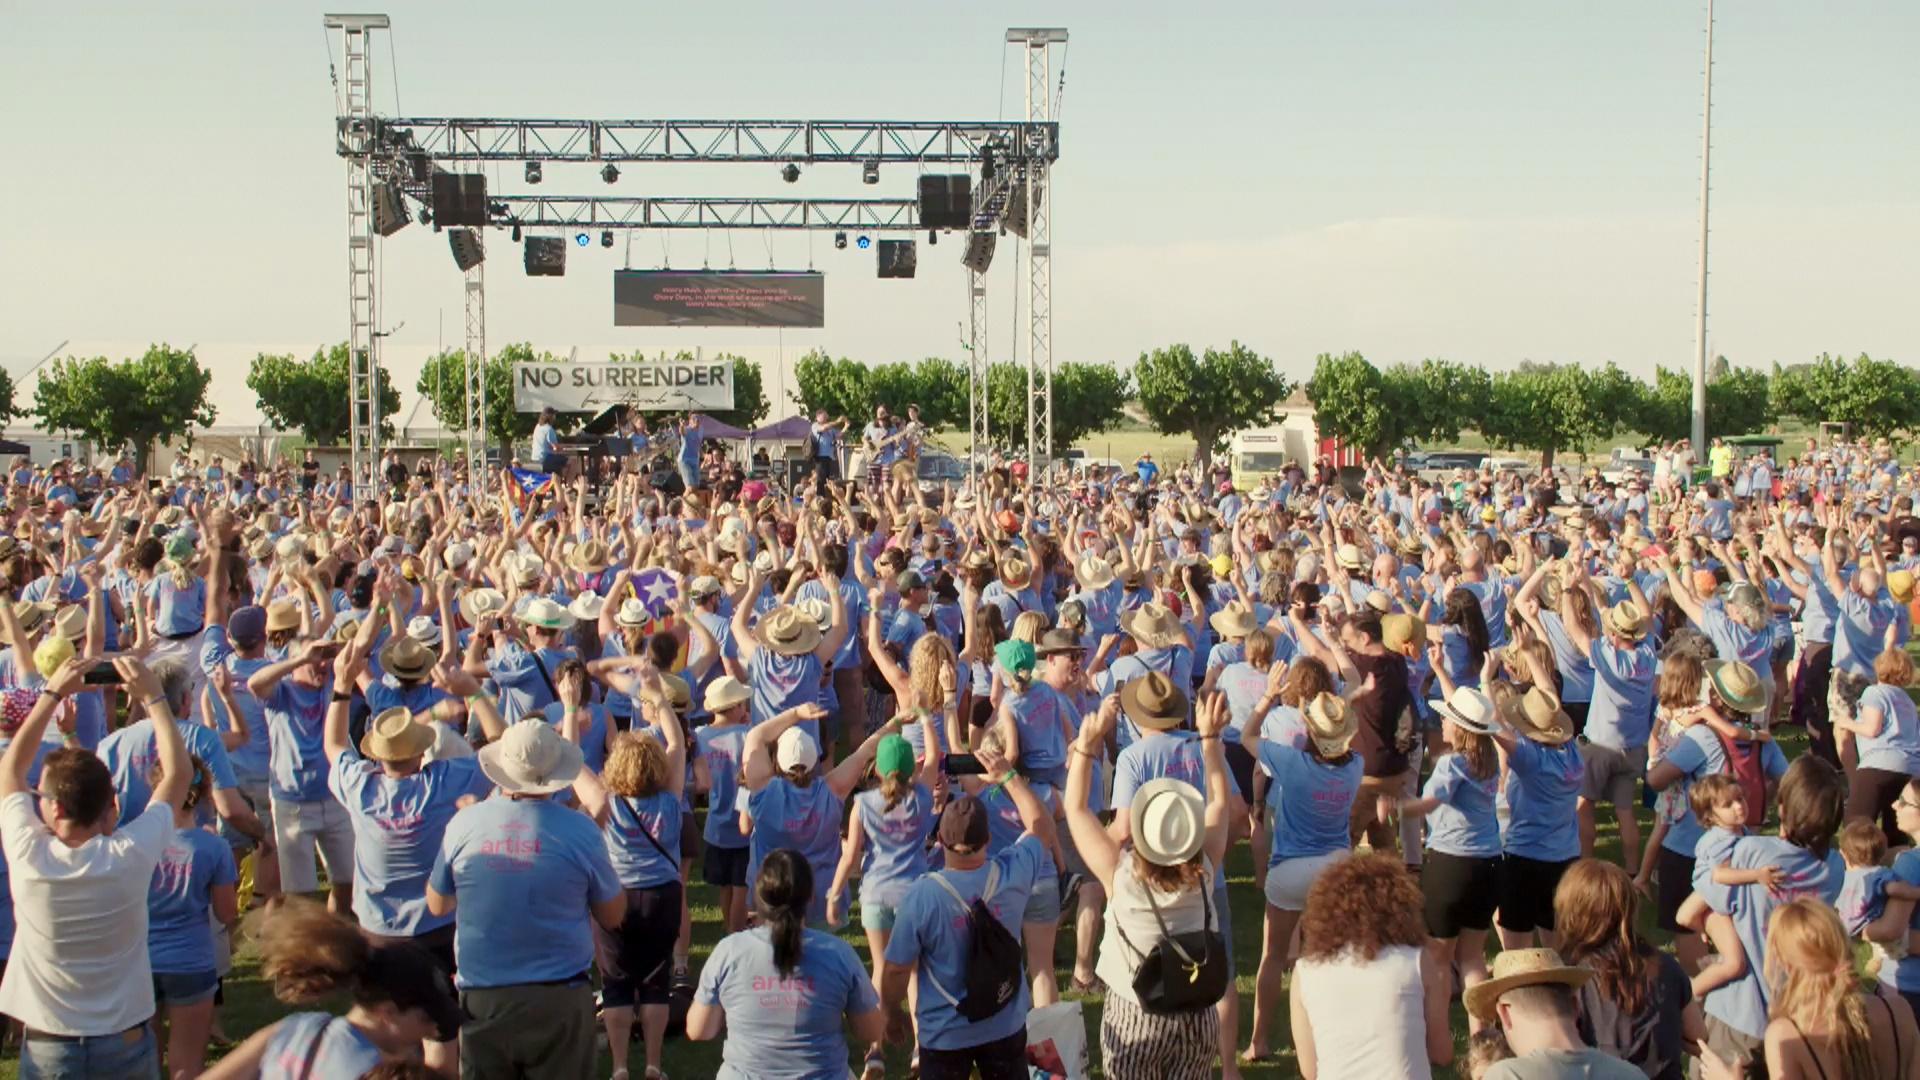 FOTOGRAMA del vídeo oficial del No Surrender Festival 3 en una imatge en que es pot veure la part central de l'escenari i els participants que cantaven, el 29 de juny de 2019. (Horitzontal)